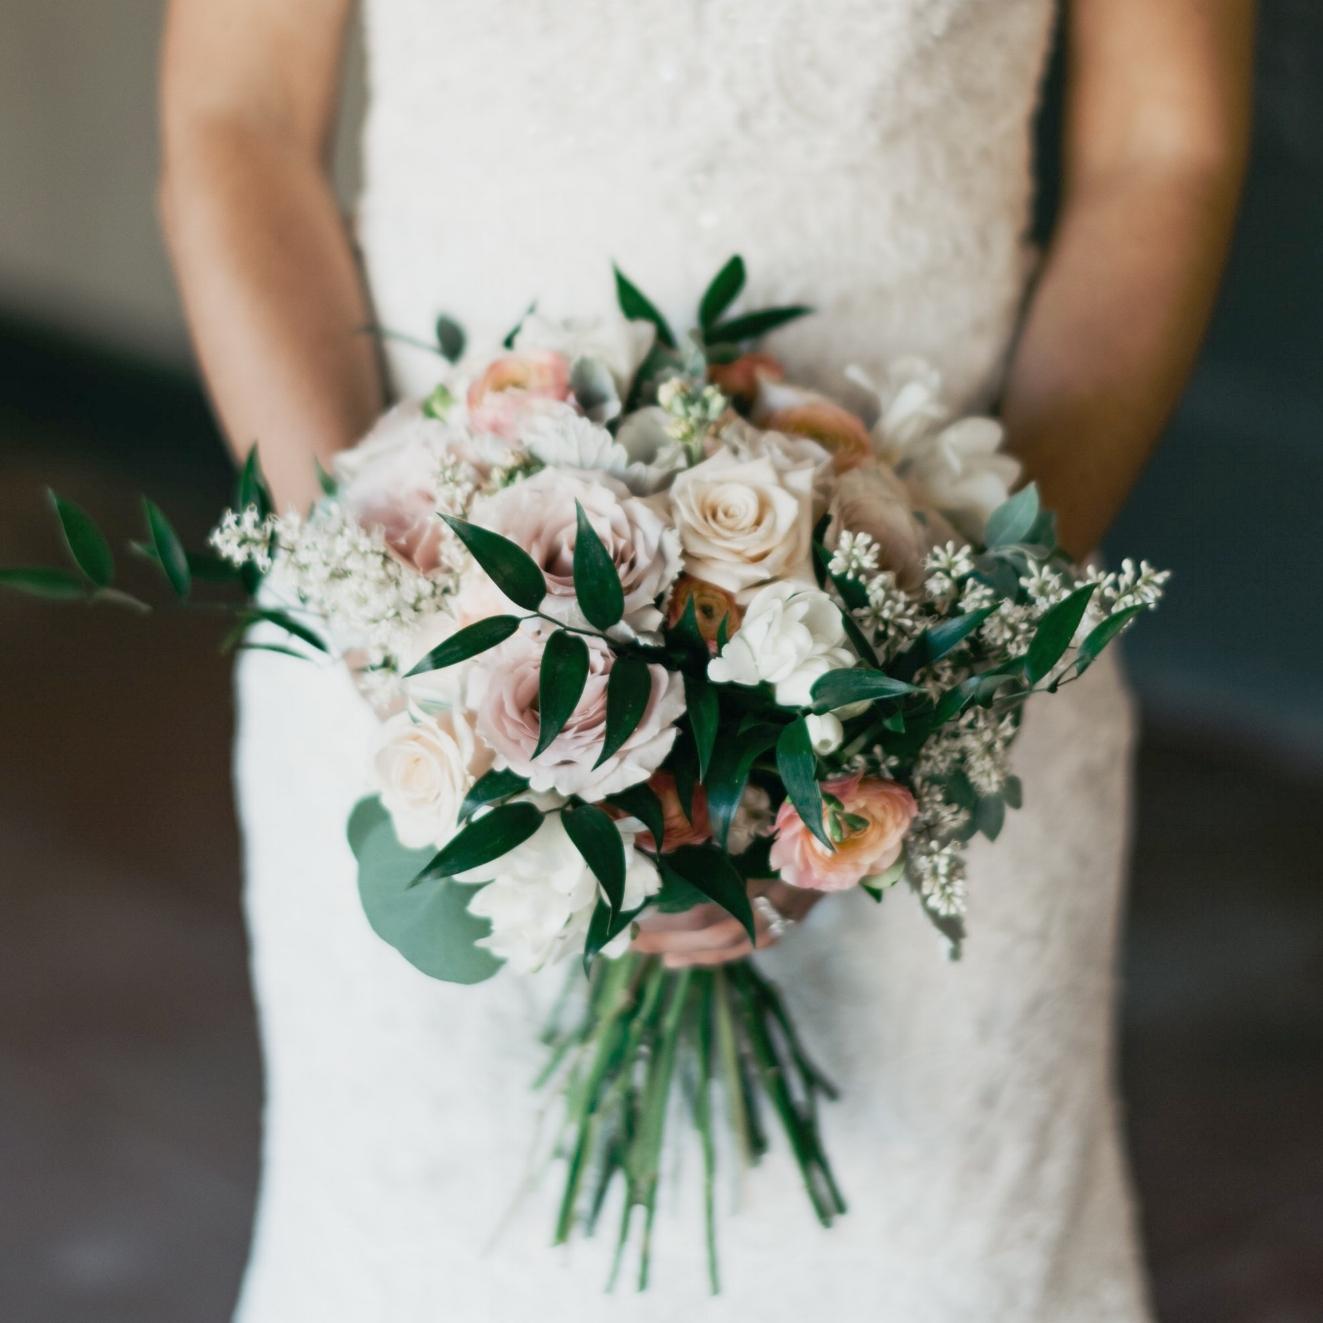 Brides by Olivia Blooming Designs - Obtén 3 boutonnieres en la compra de tu ramo de novia